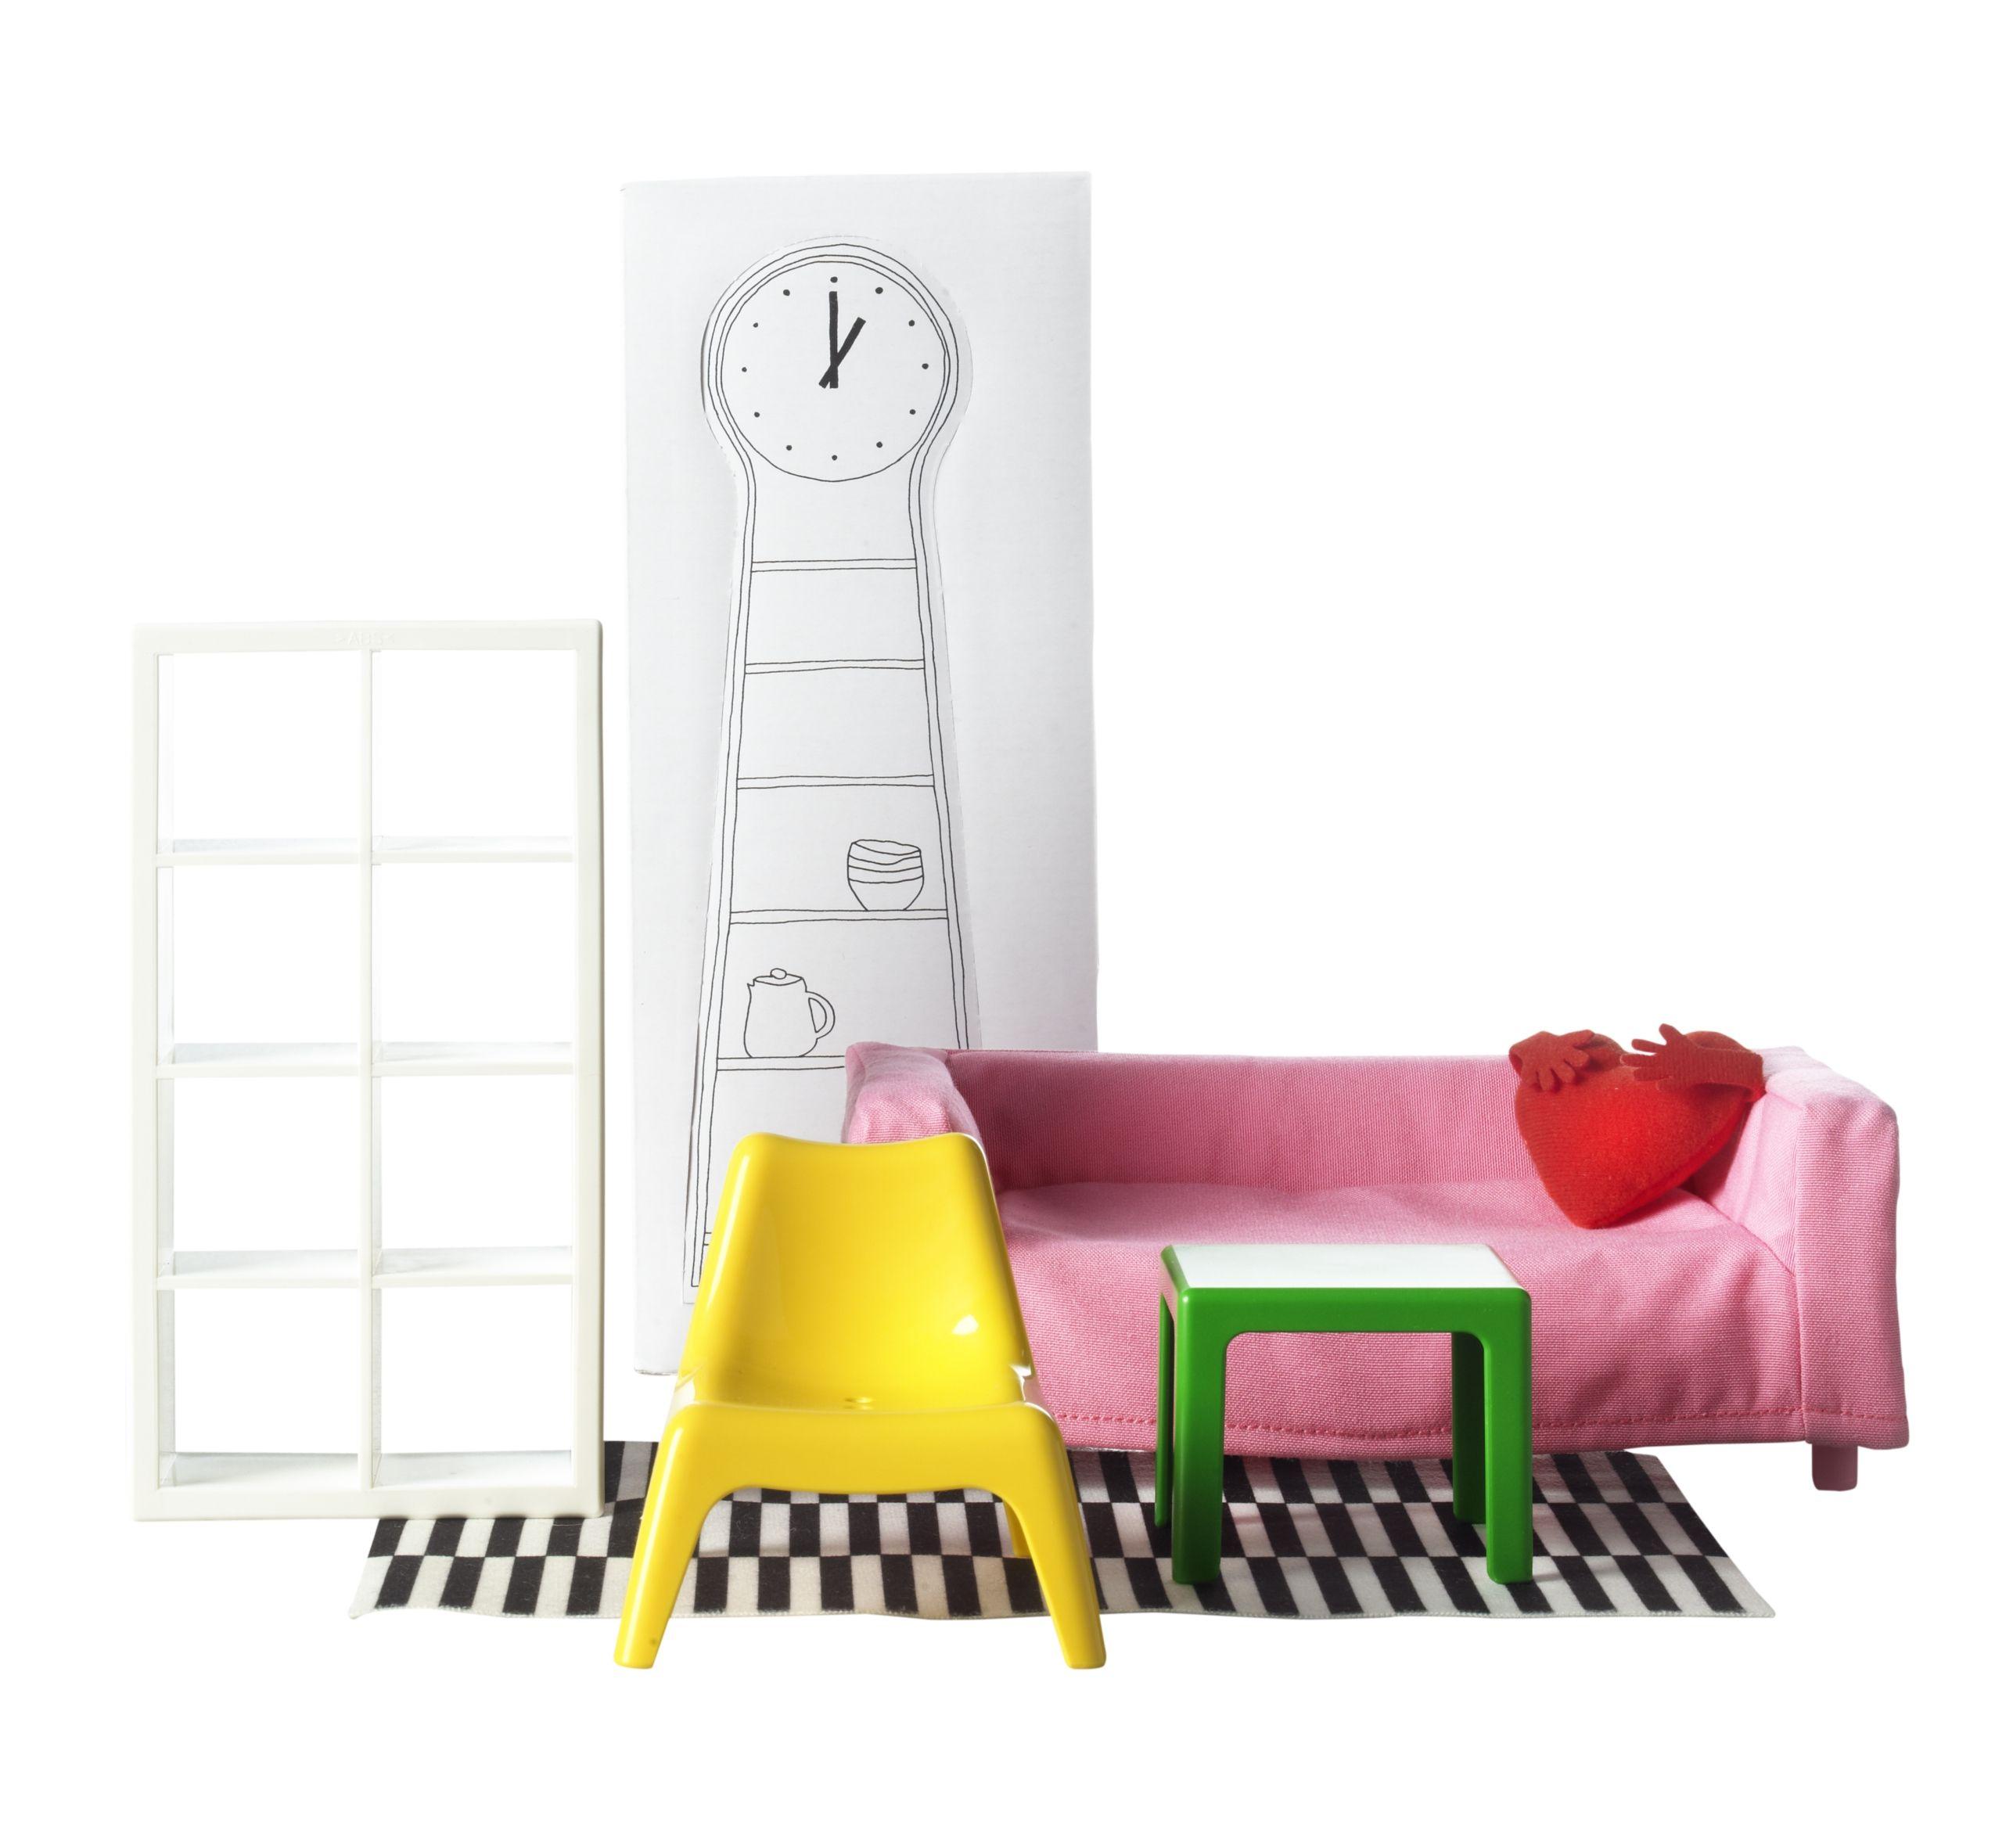 ikea dollhouse furniture. IKEA HUSET Dollhouse Furniture Ikea Y